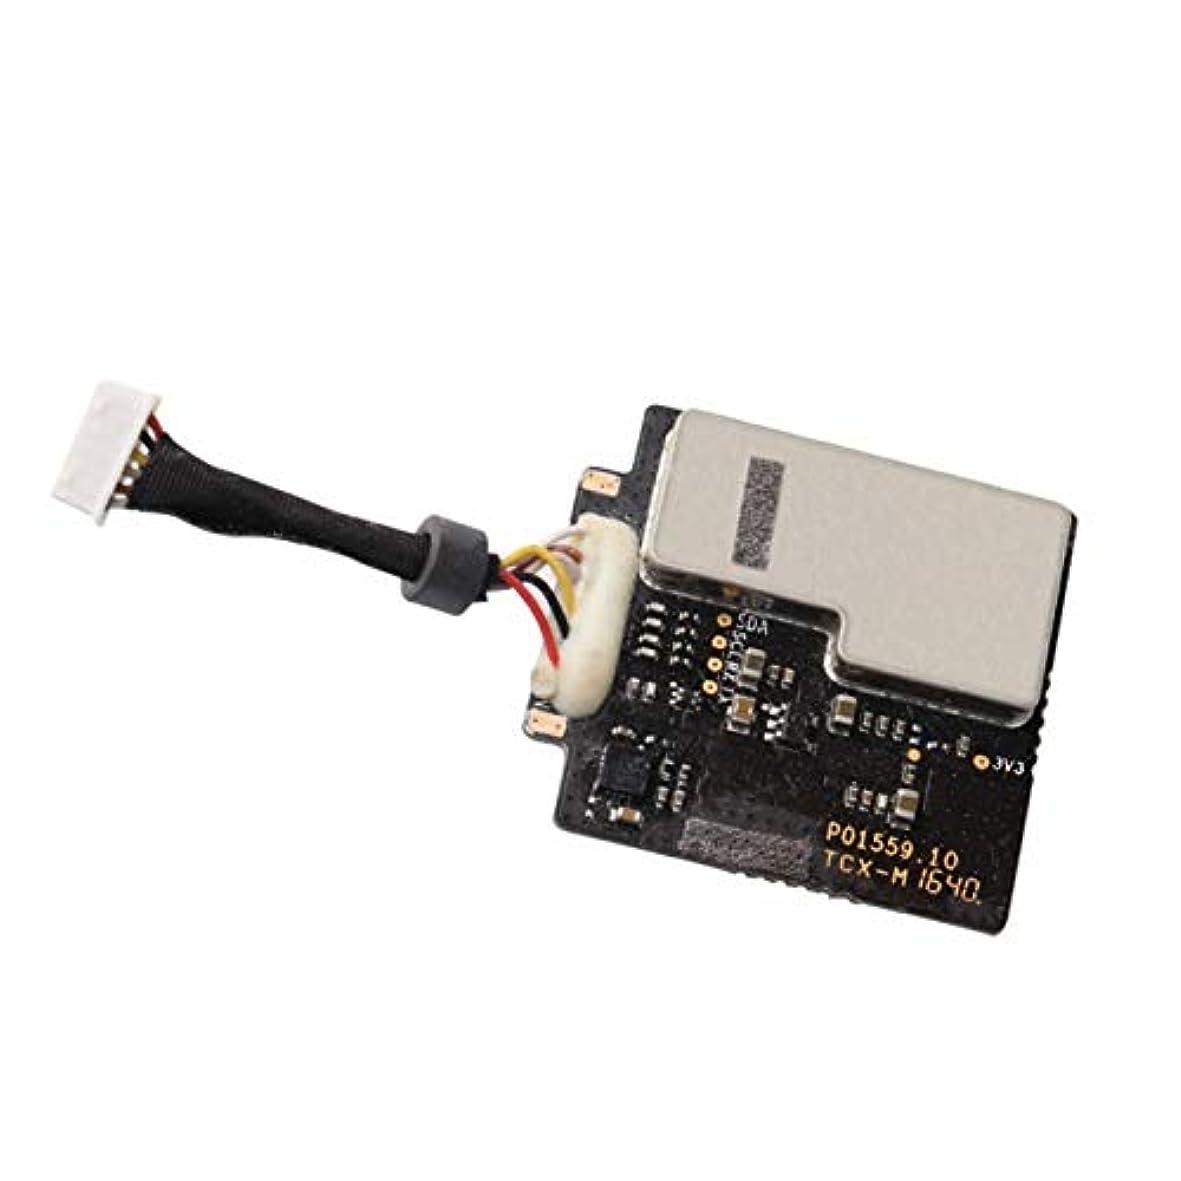 二年生体ラブDeeploveUU DJI Mavic Proの無人修理部品の交換部品のためのコネクターGPSモジュールが付いている専門の無人GPSボードモジュール